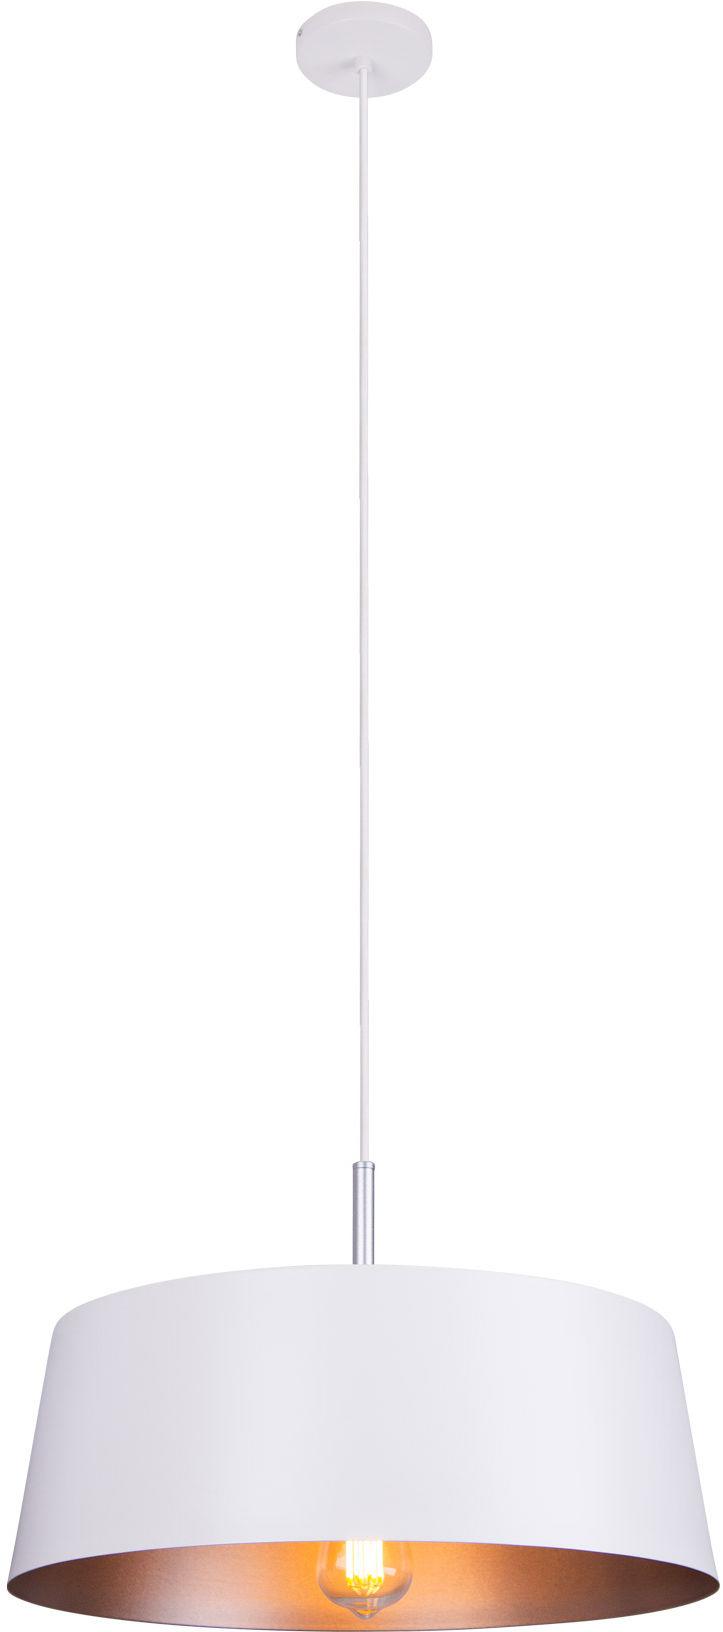 Lampa wisząca TALLIN P0402 Maxlight biało-złota oprawa w stylu nowoczesnym